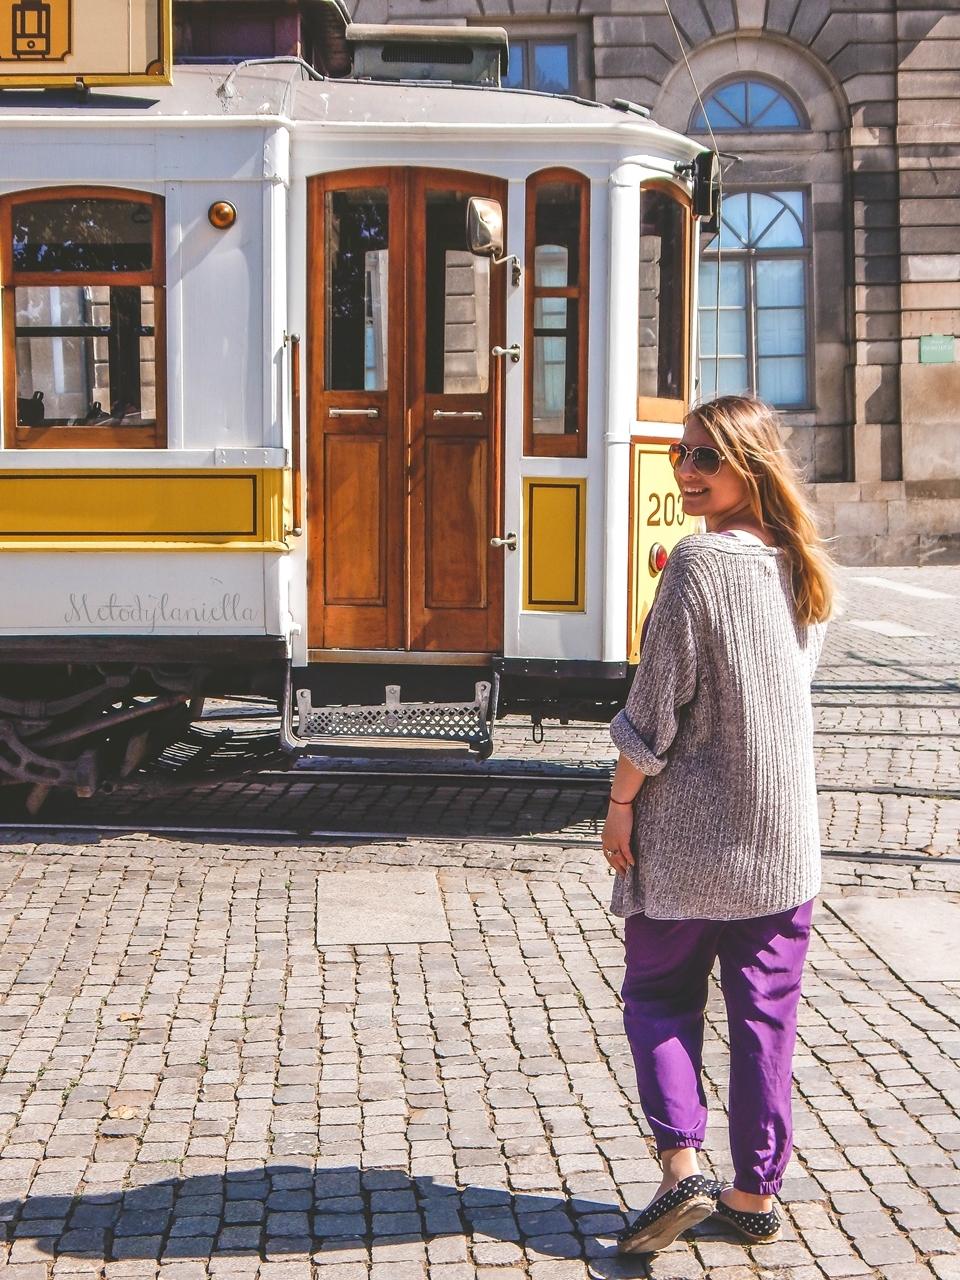 2b-2  co zobaczyć w Porto w portugalii ciekawe miejsca musisz zobaczyć top miejsc w porto zabytki piękne uliczki miejsca godne zobaczenia blog podróżniczy portugalia melodylaniella